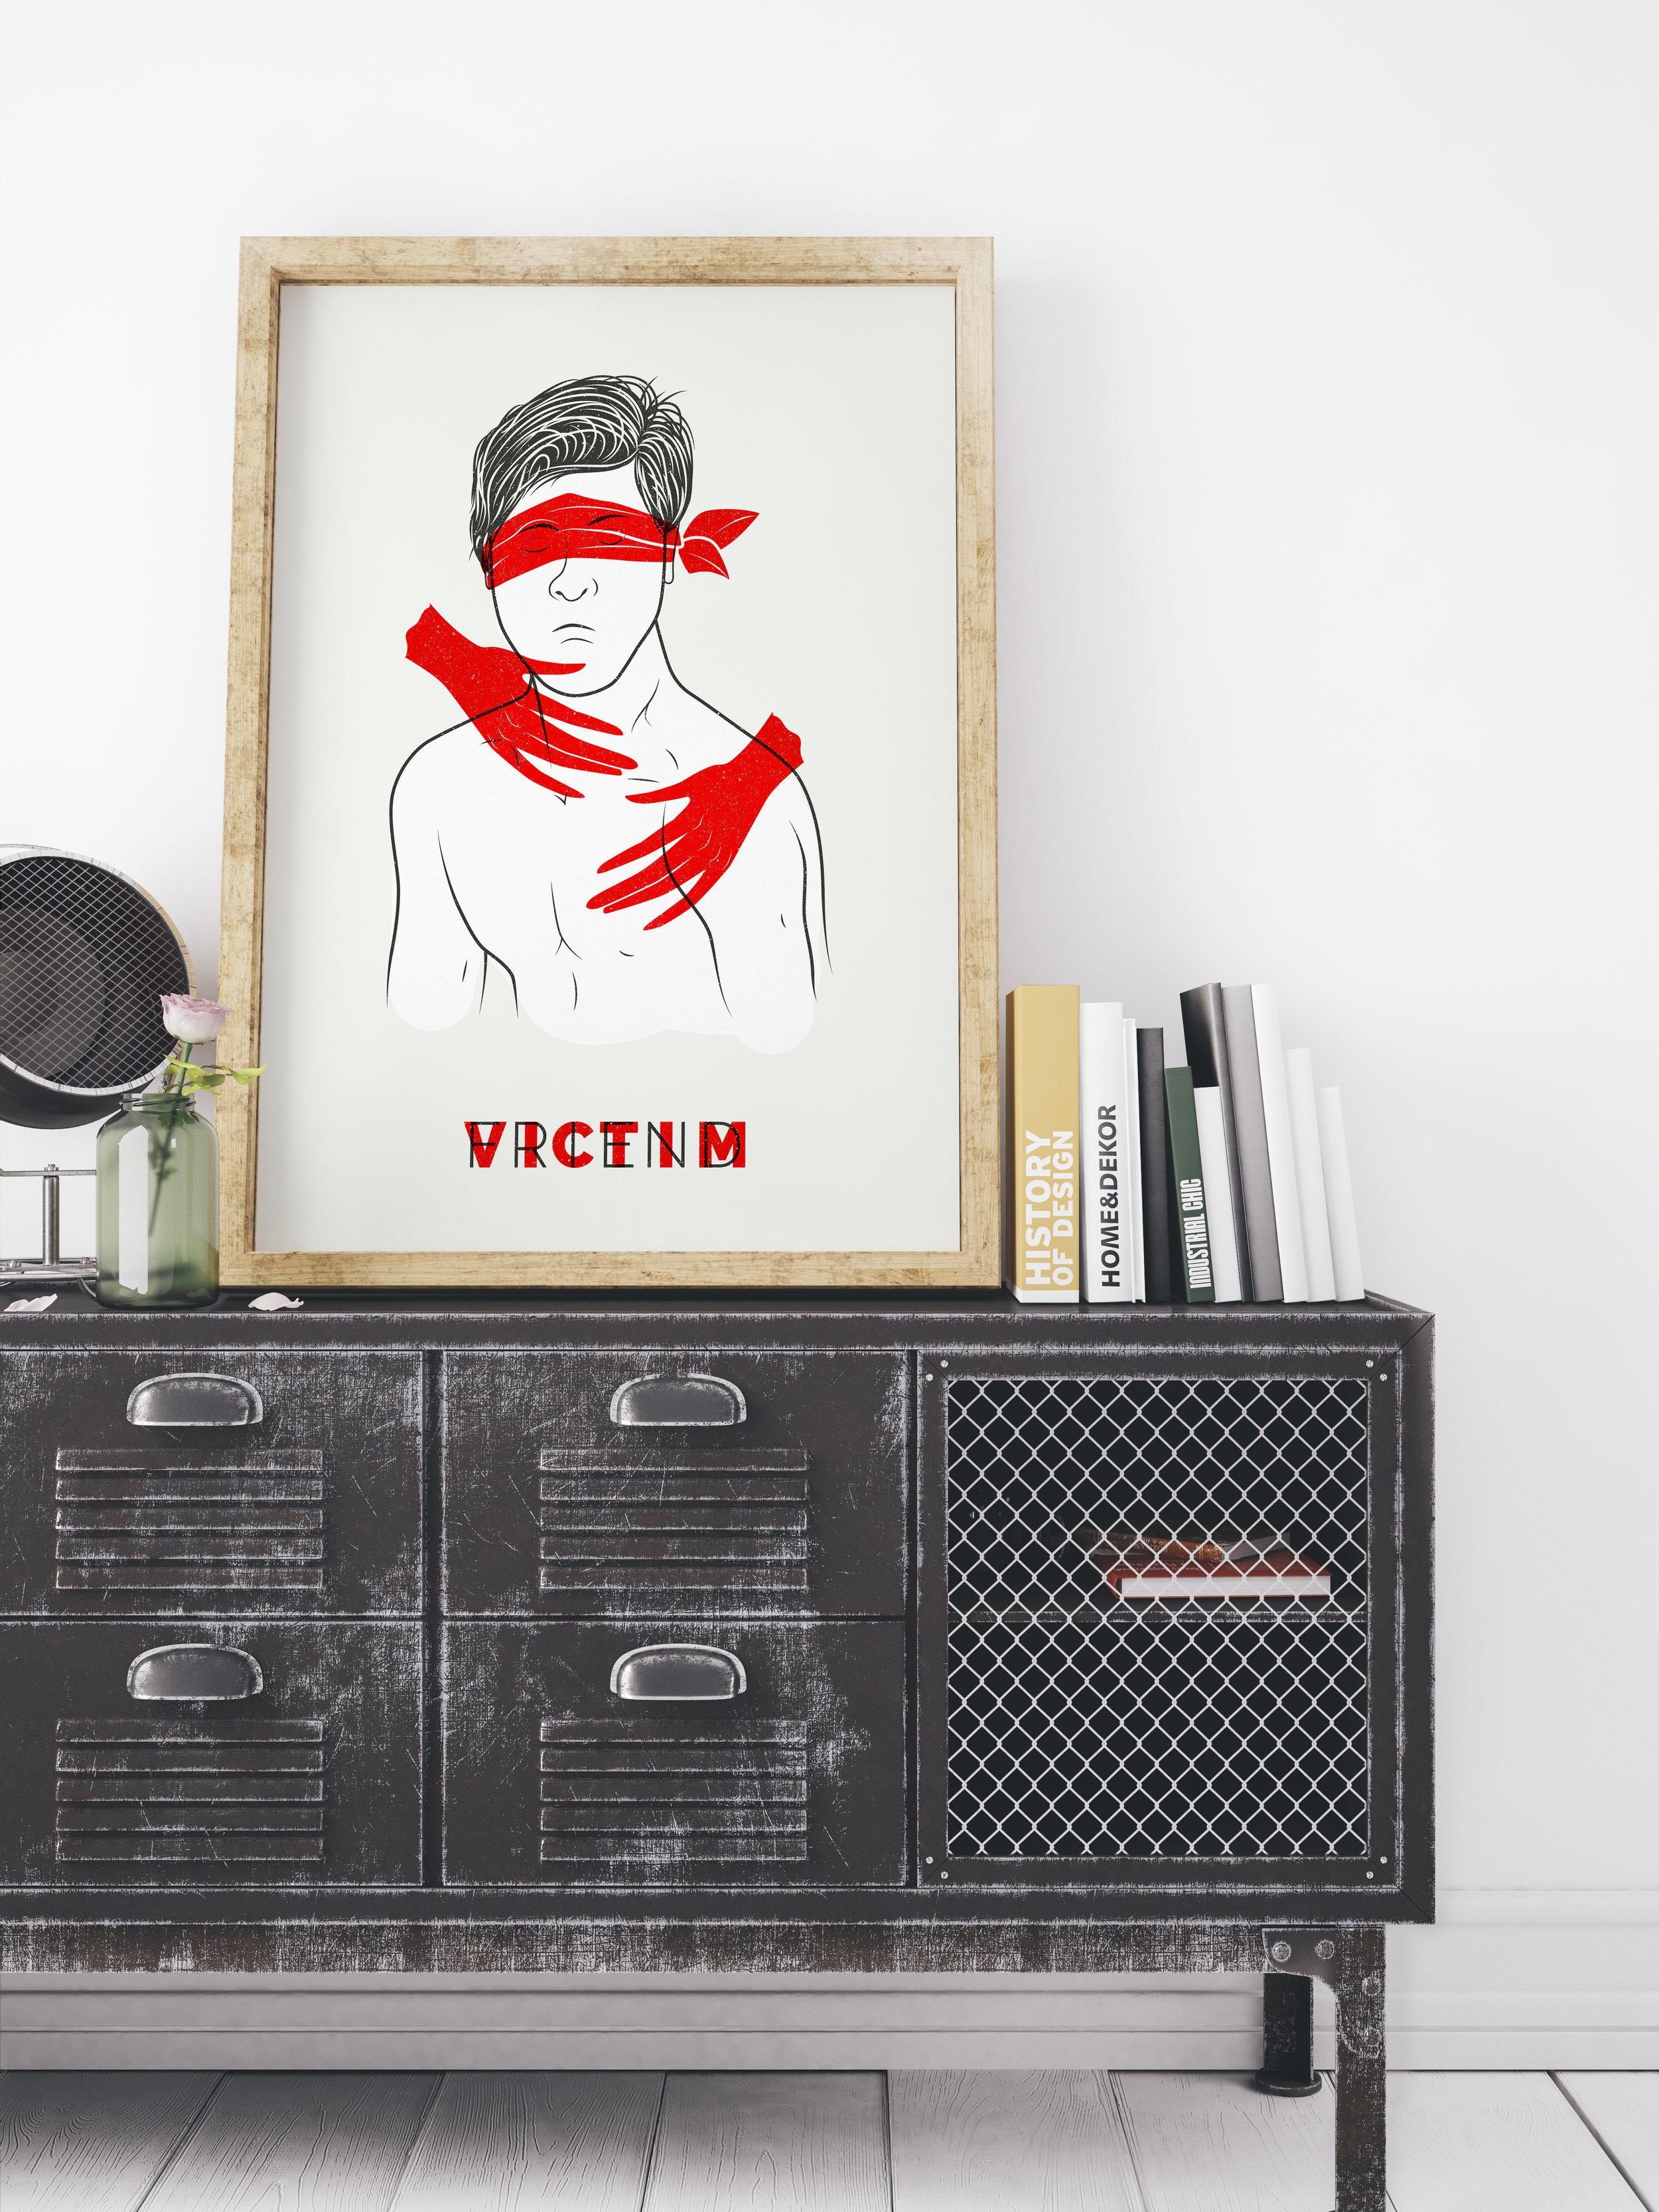 FriendVictim-Framed.jpg